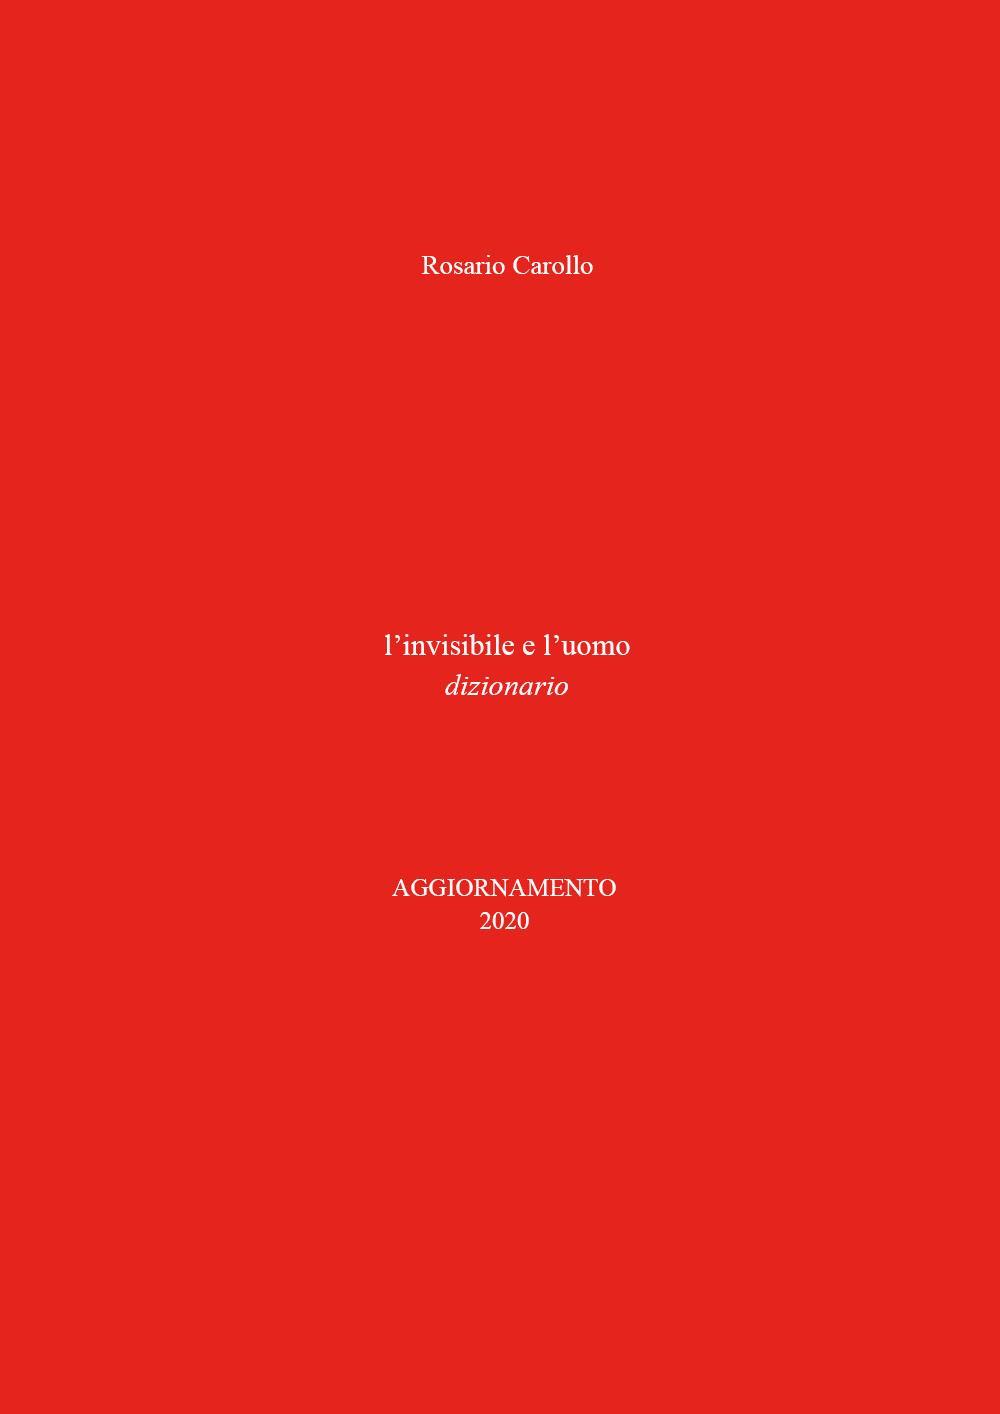 L'Invisibile e l'Uomo, aggiornamento 2020